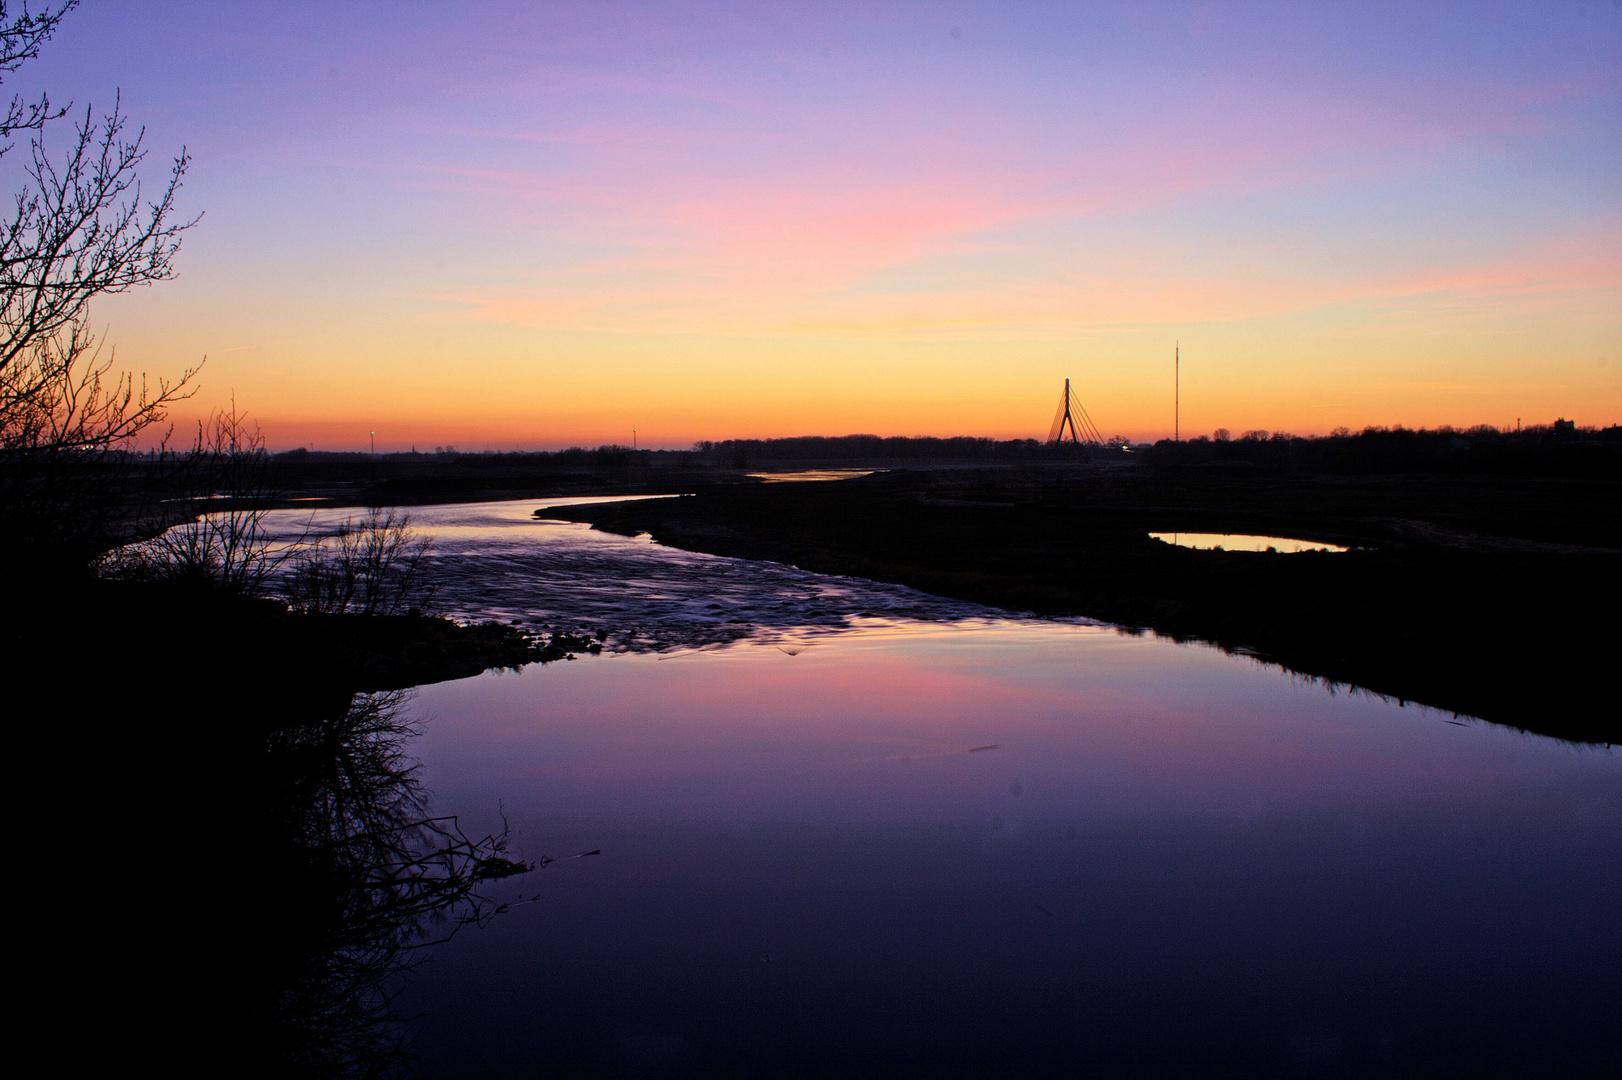 Sunset - Die Lippe auf dem Weg zum Rhein (Wesel)